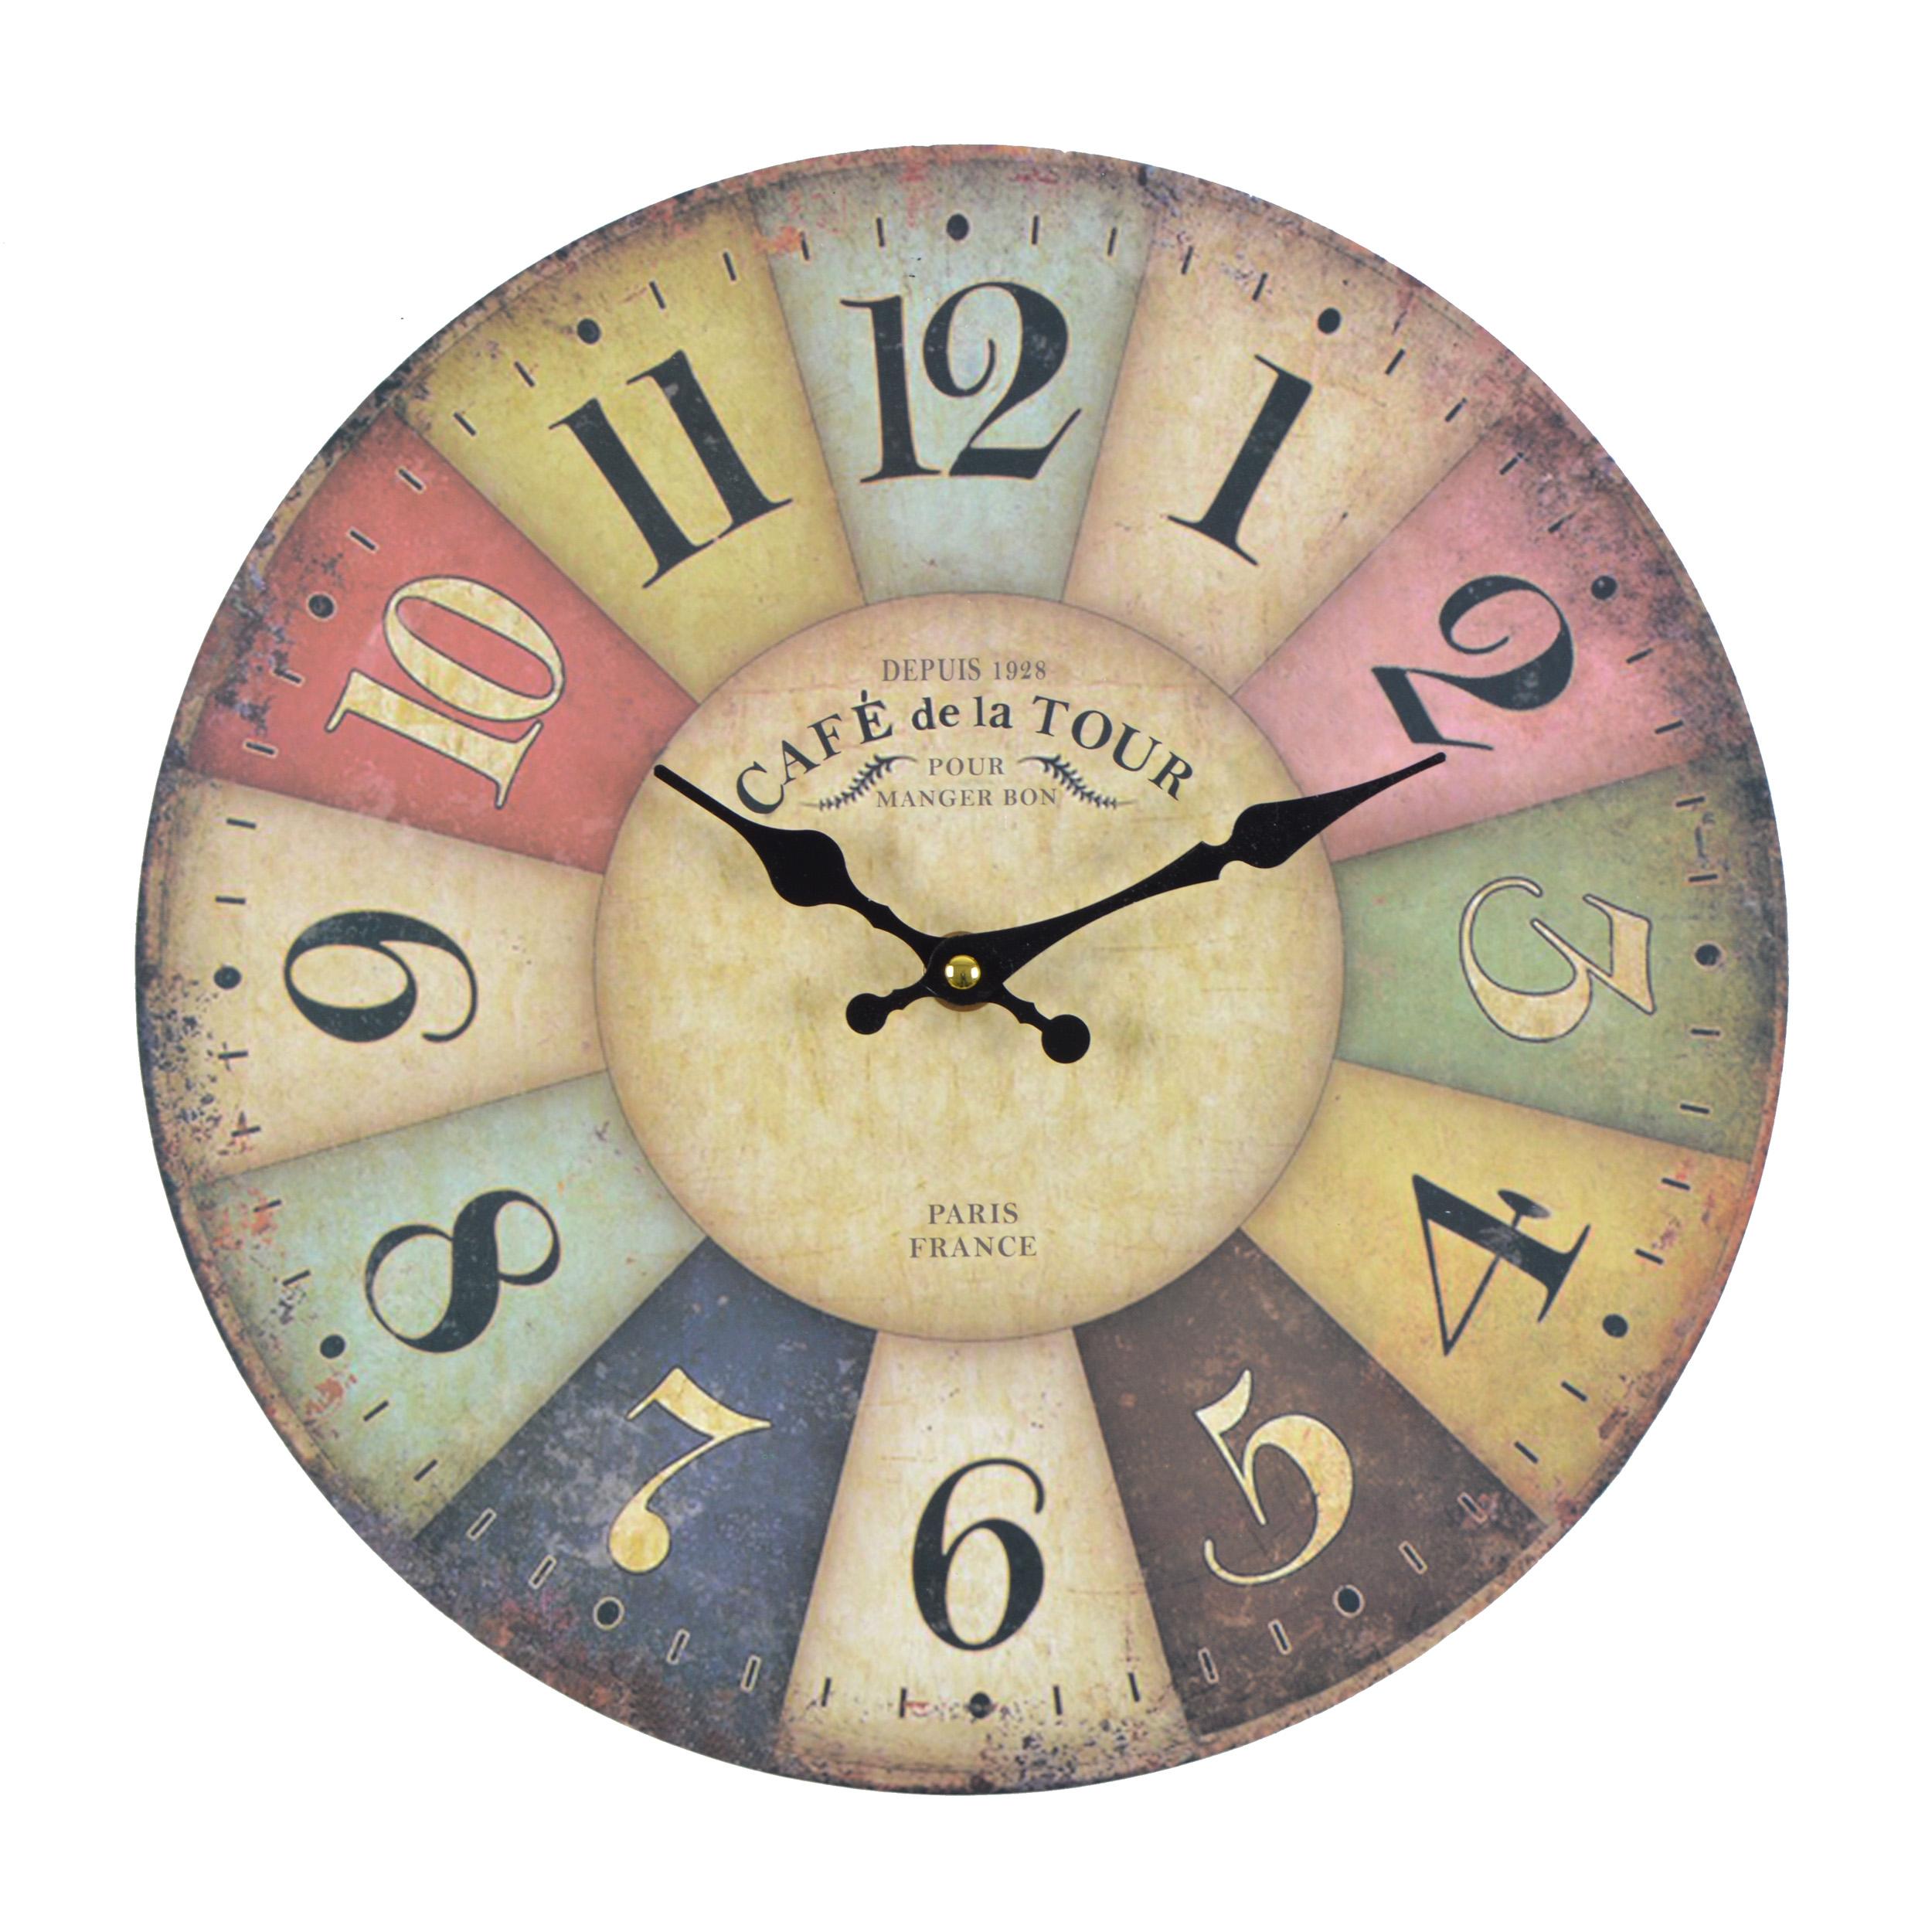 Wanduhr Cafe Tour - bunt - Vintage Uhr